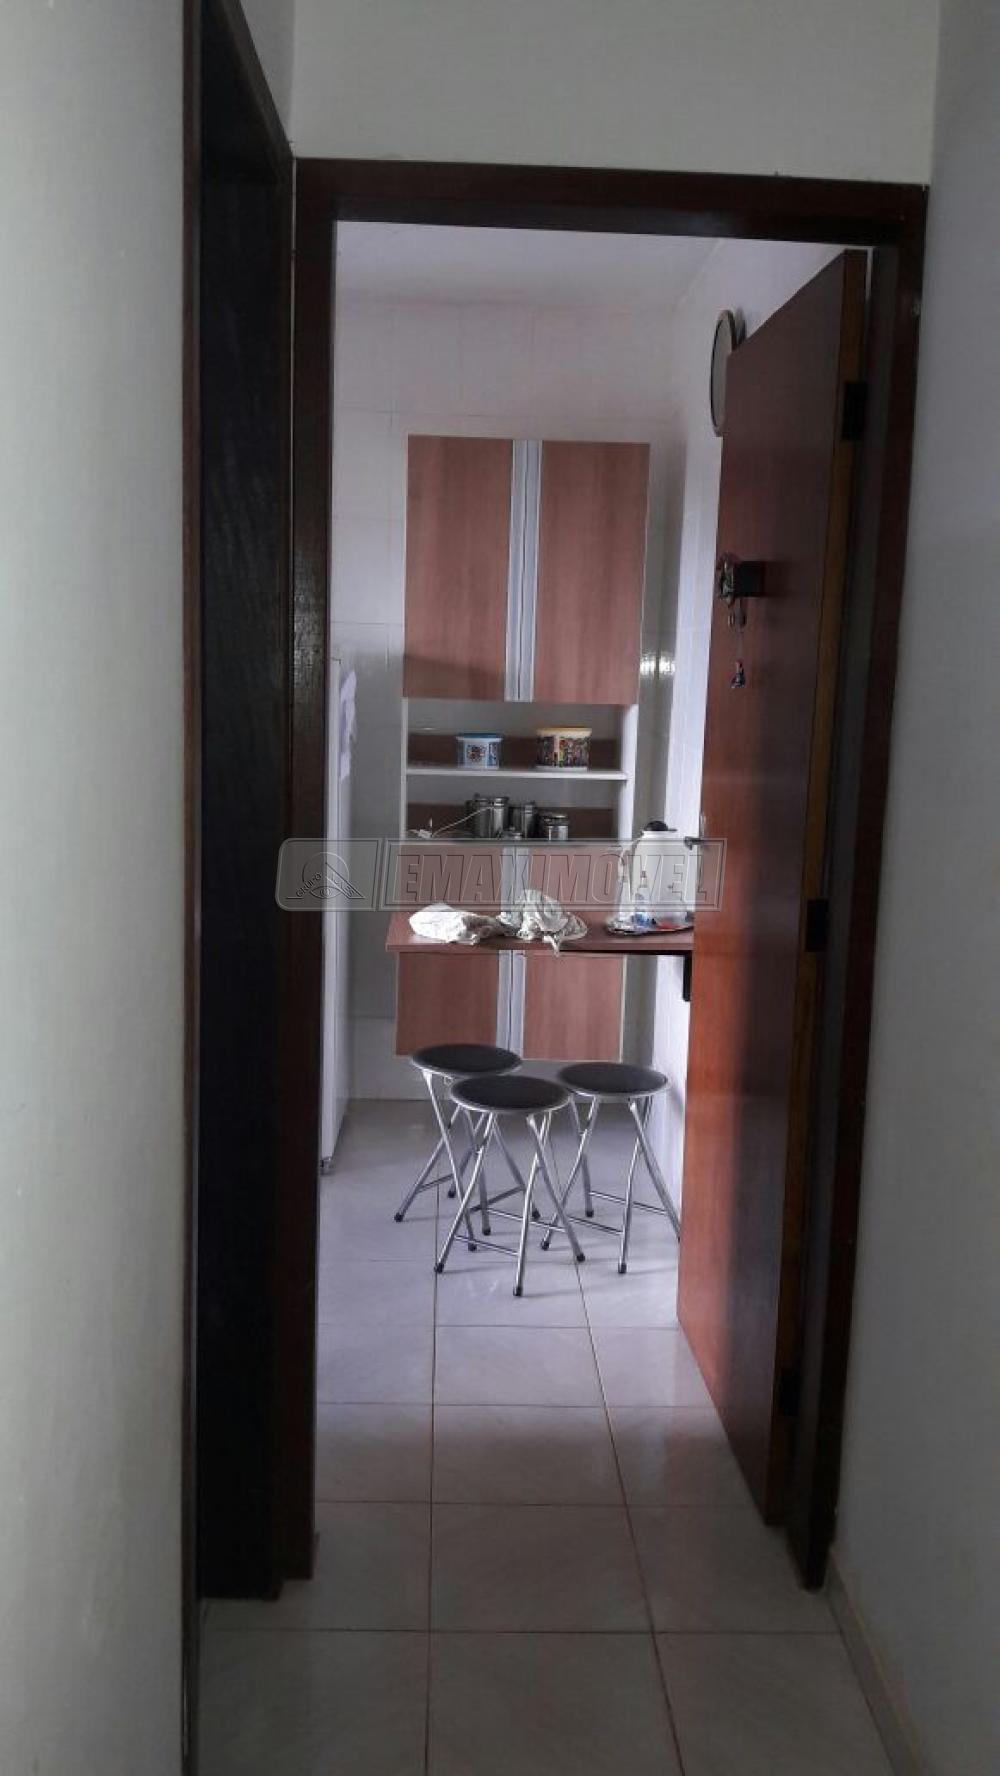 Comprar Casas / em Bairros em Araçoiaba da Serra apenas R$ 260.000,00 - Foto 9